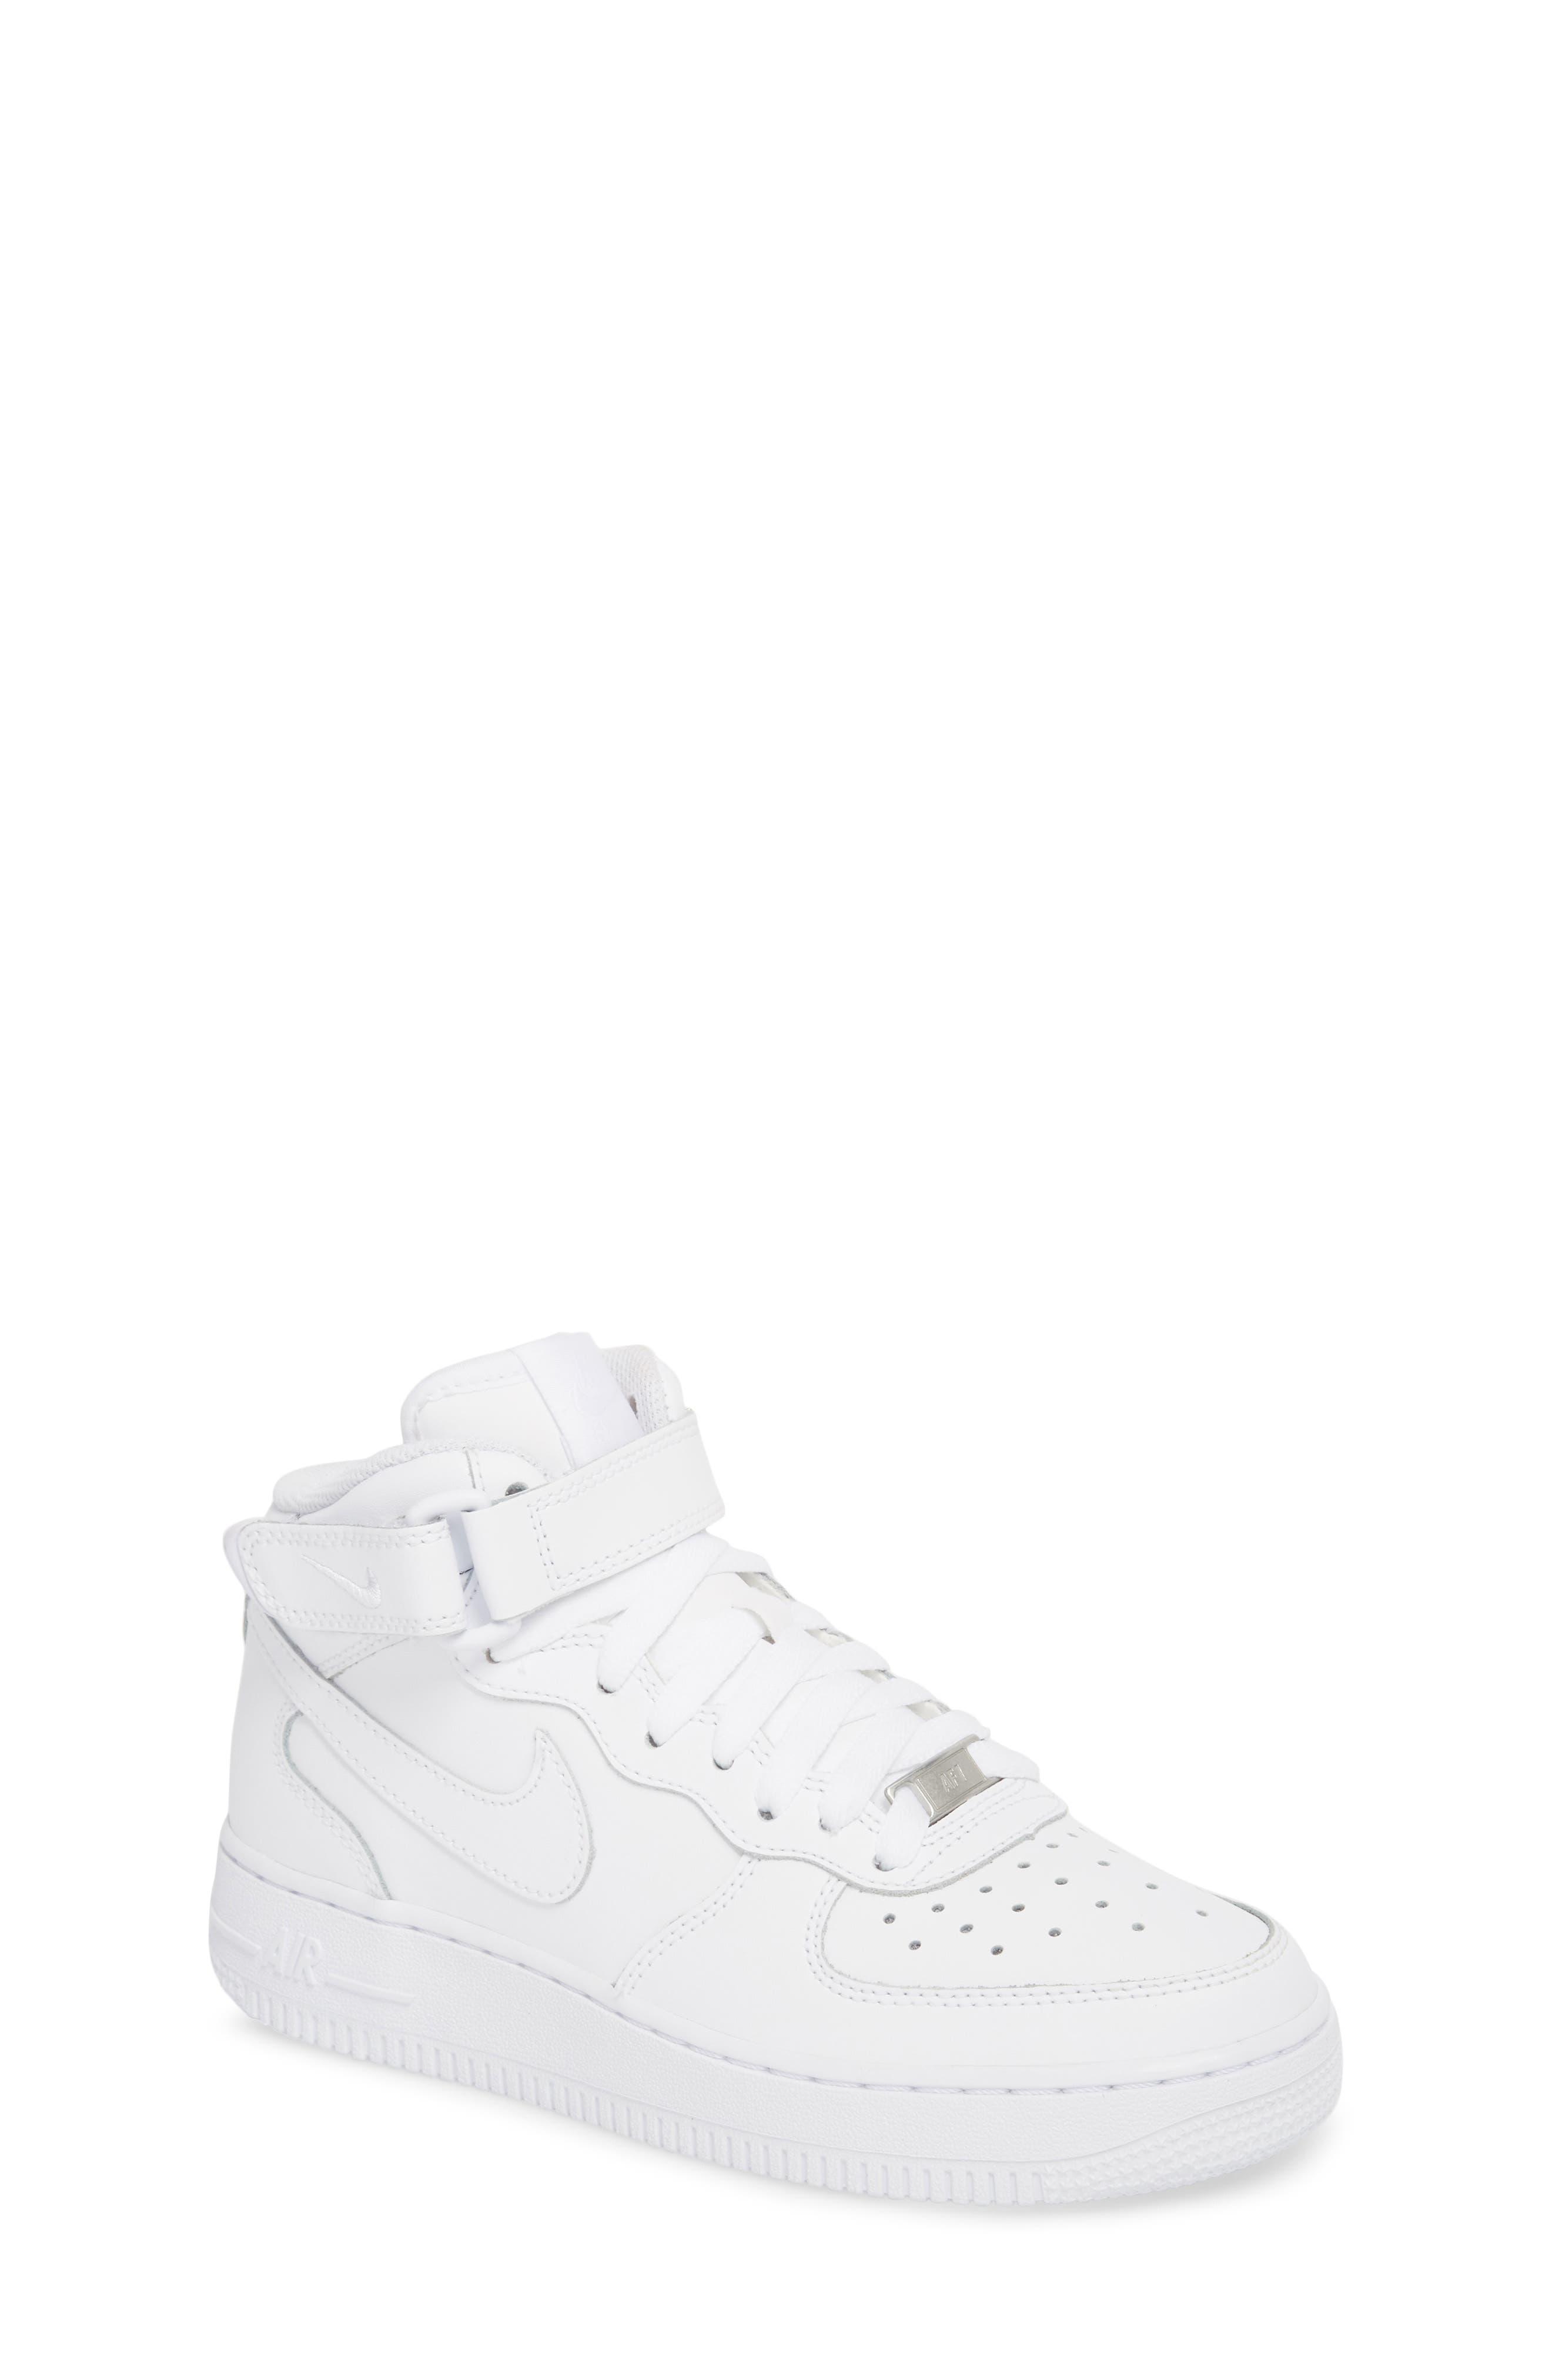 Nike Air Force 1 Mid Top Sneaker (Big Kid)